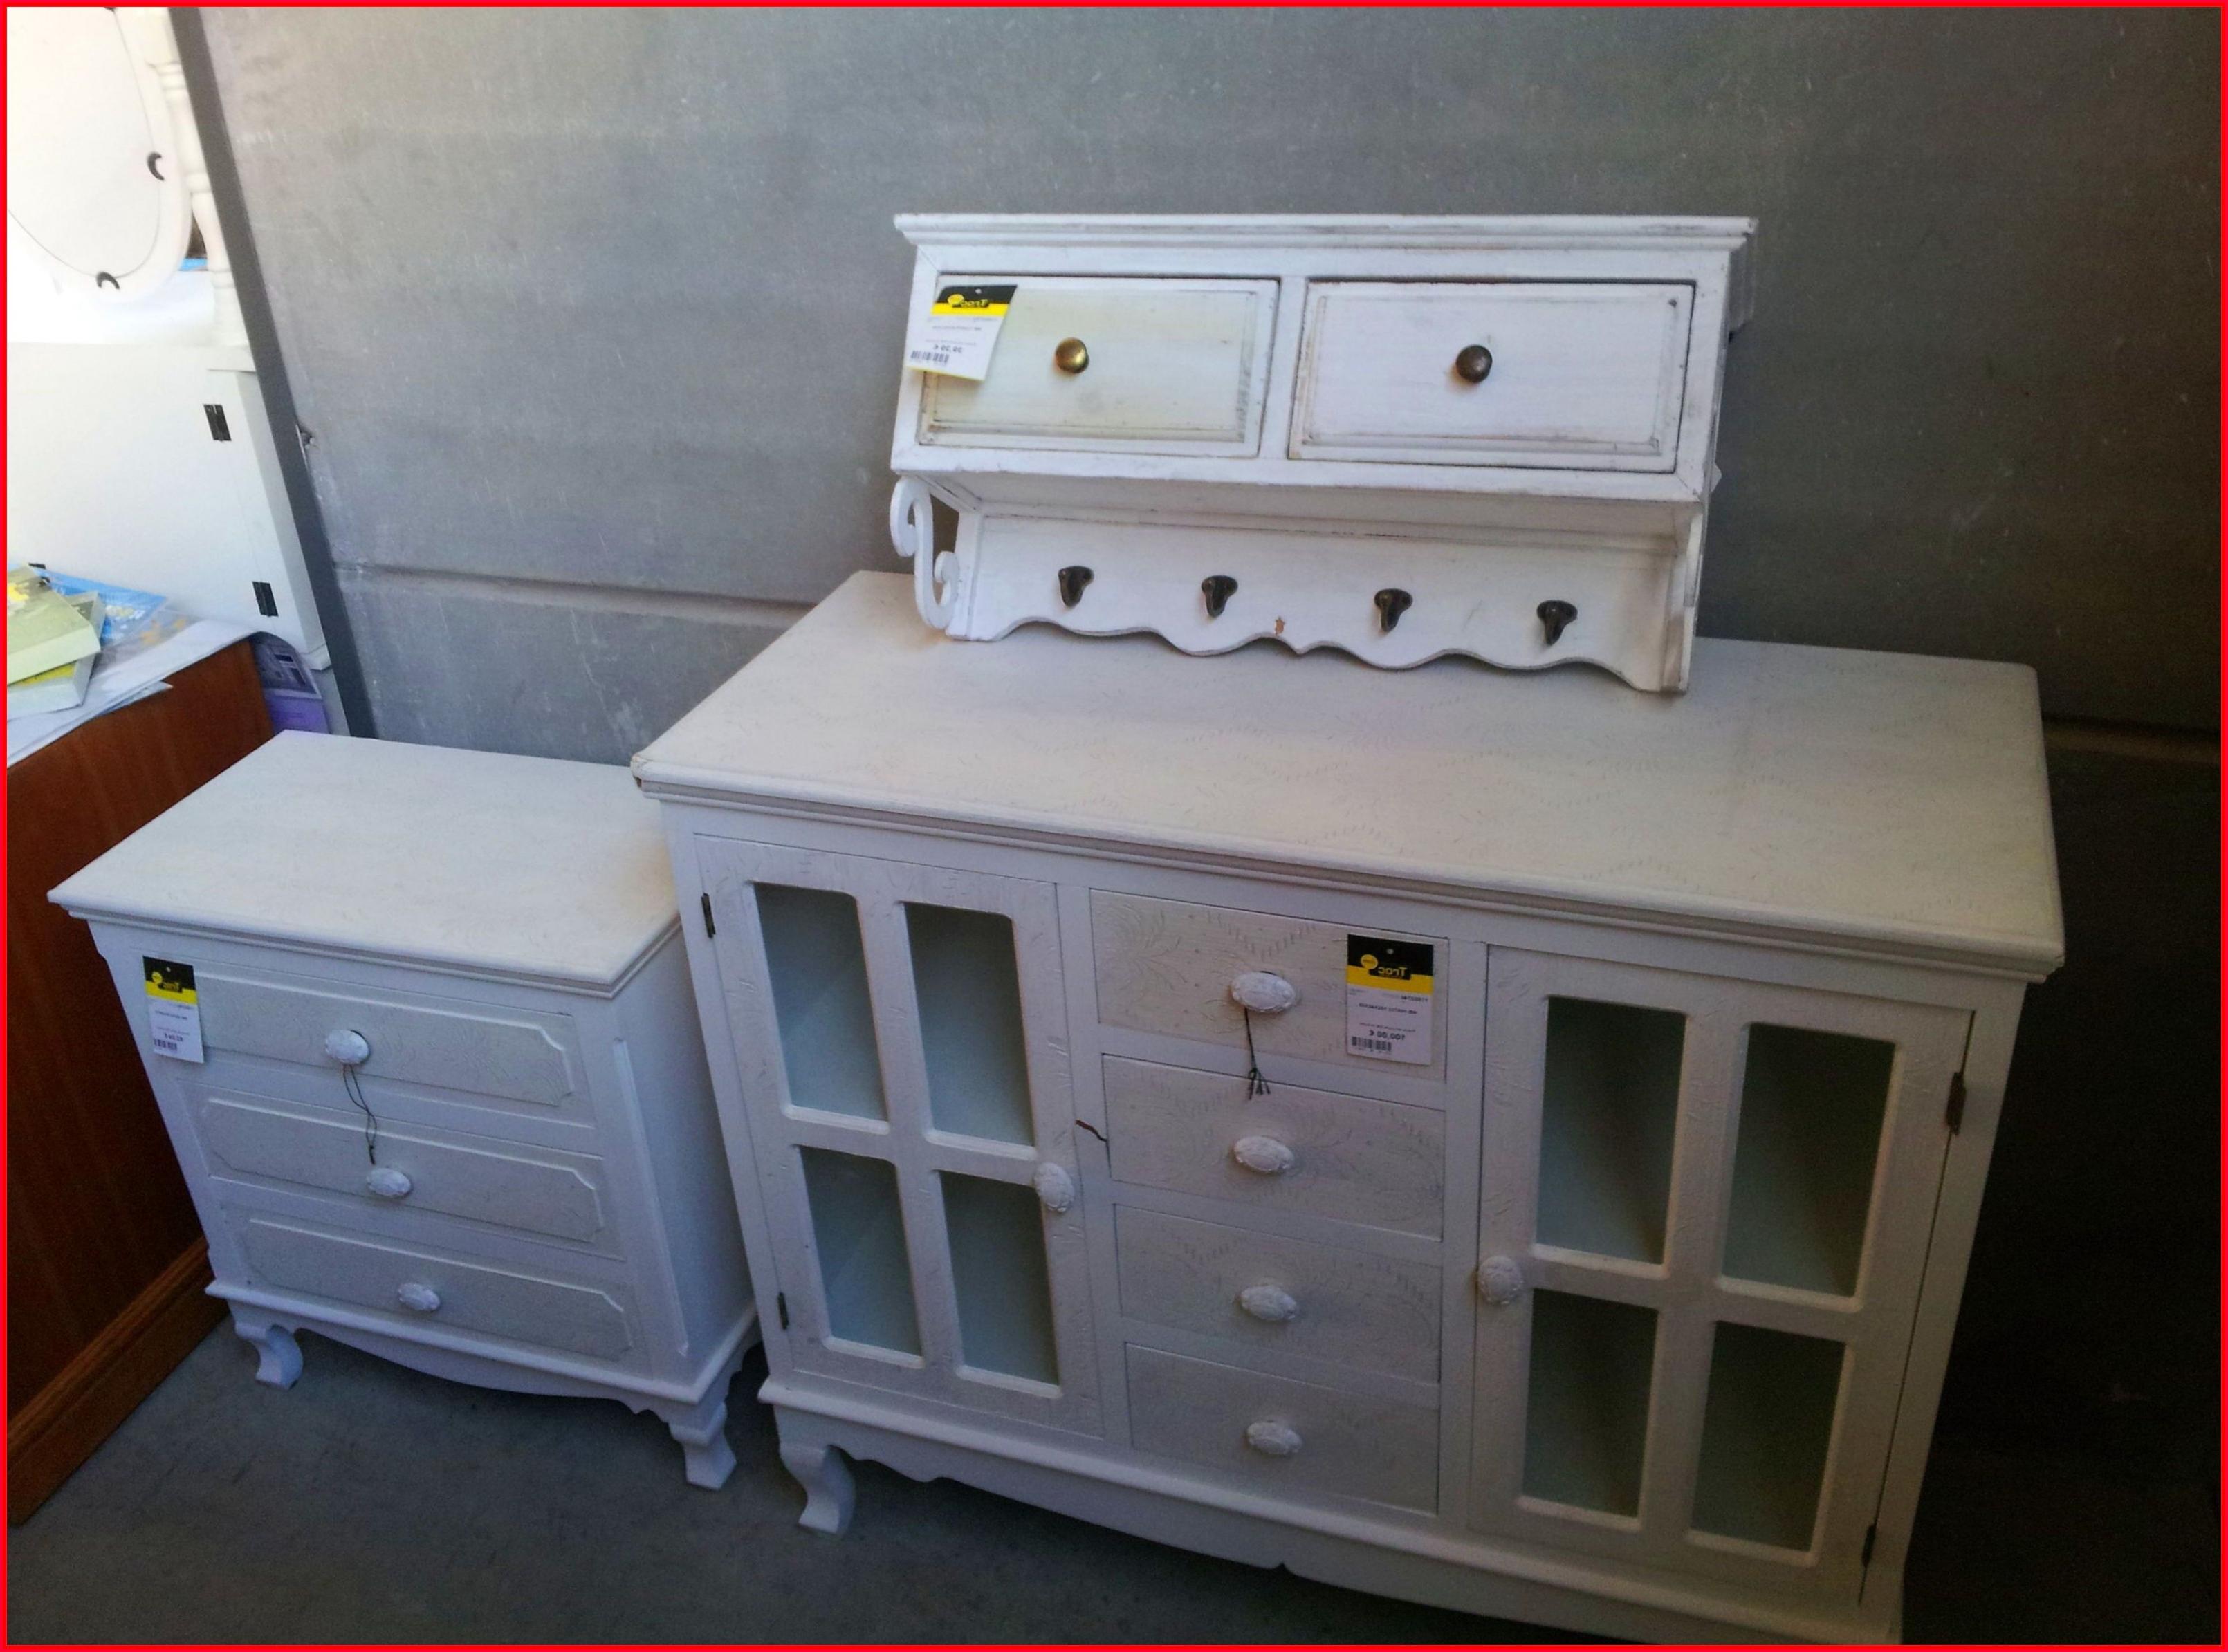 Muebles De Cocina De Segunda Mano Dwdk Mueble De Cocina Segunda Mano Muebles Cocina Segunda Mano